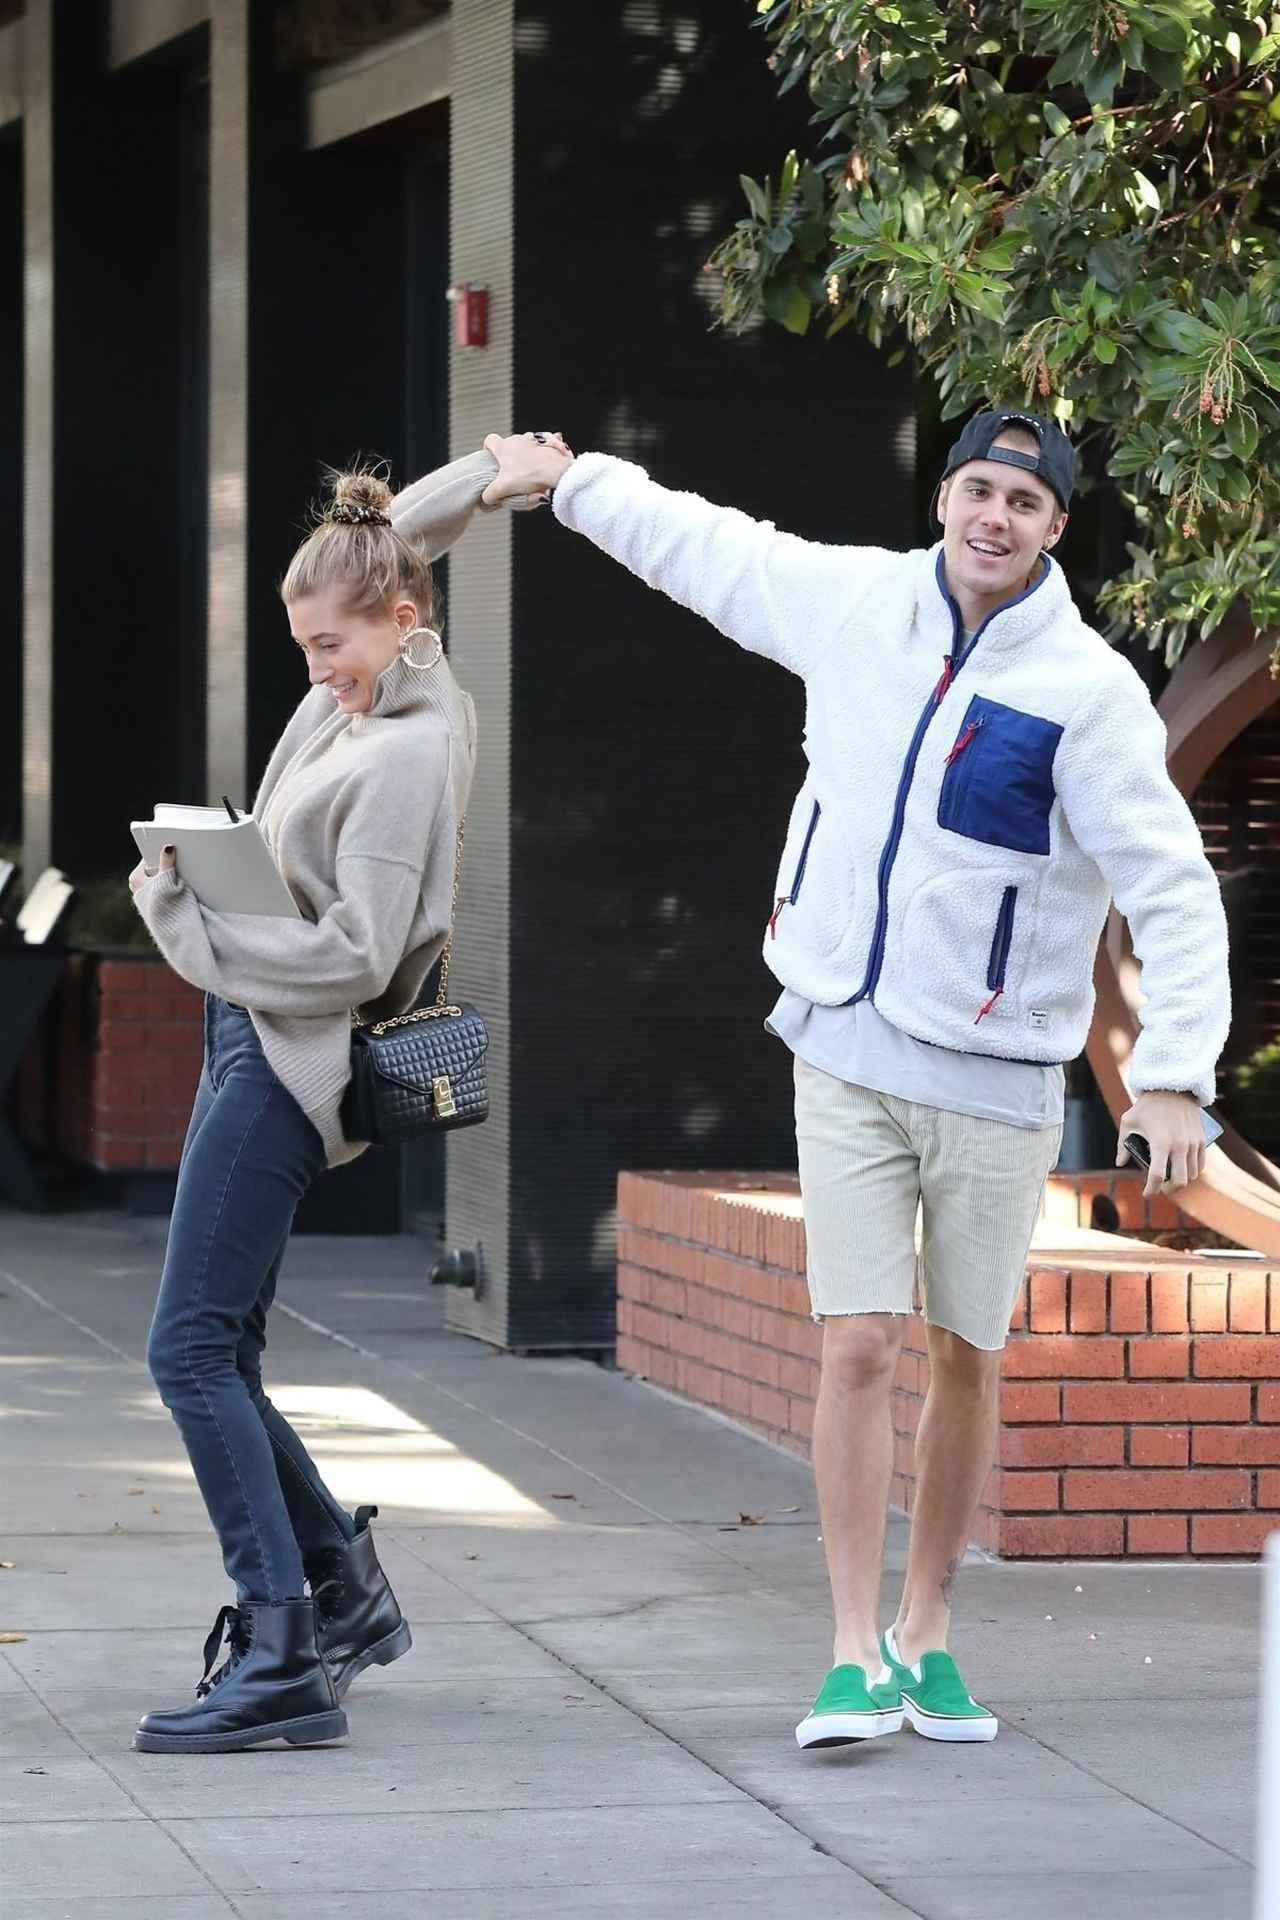 画像2: 幸せすぎて路上で踊りだす